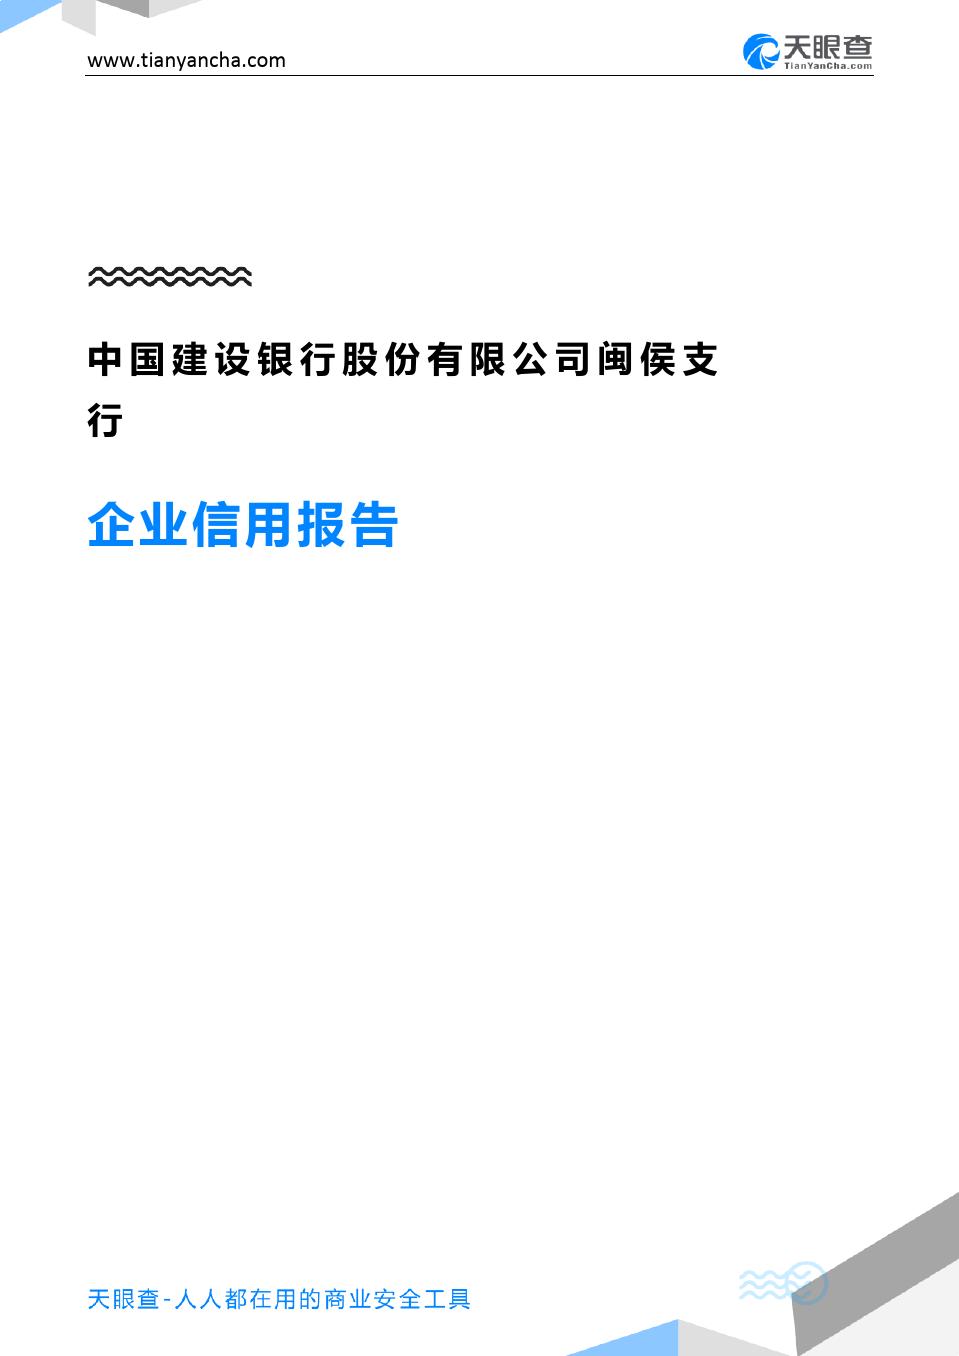 中国建设银行股份有限公司闽侯支行(企业信用报告)- 天眼查